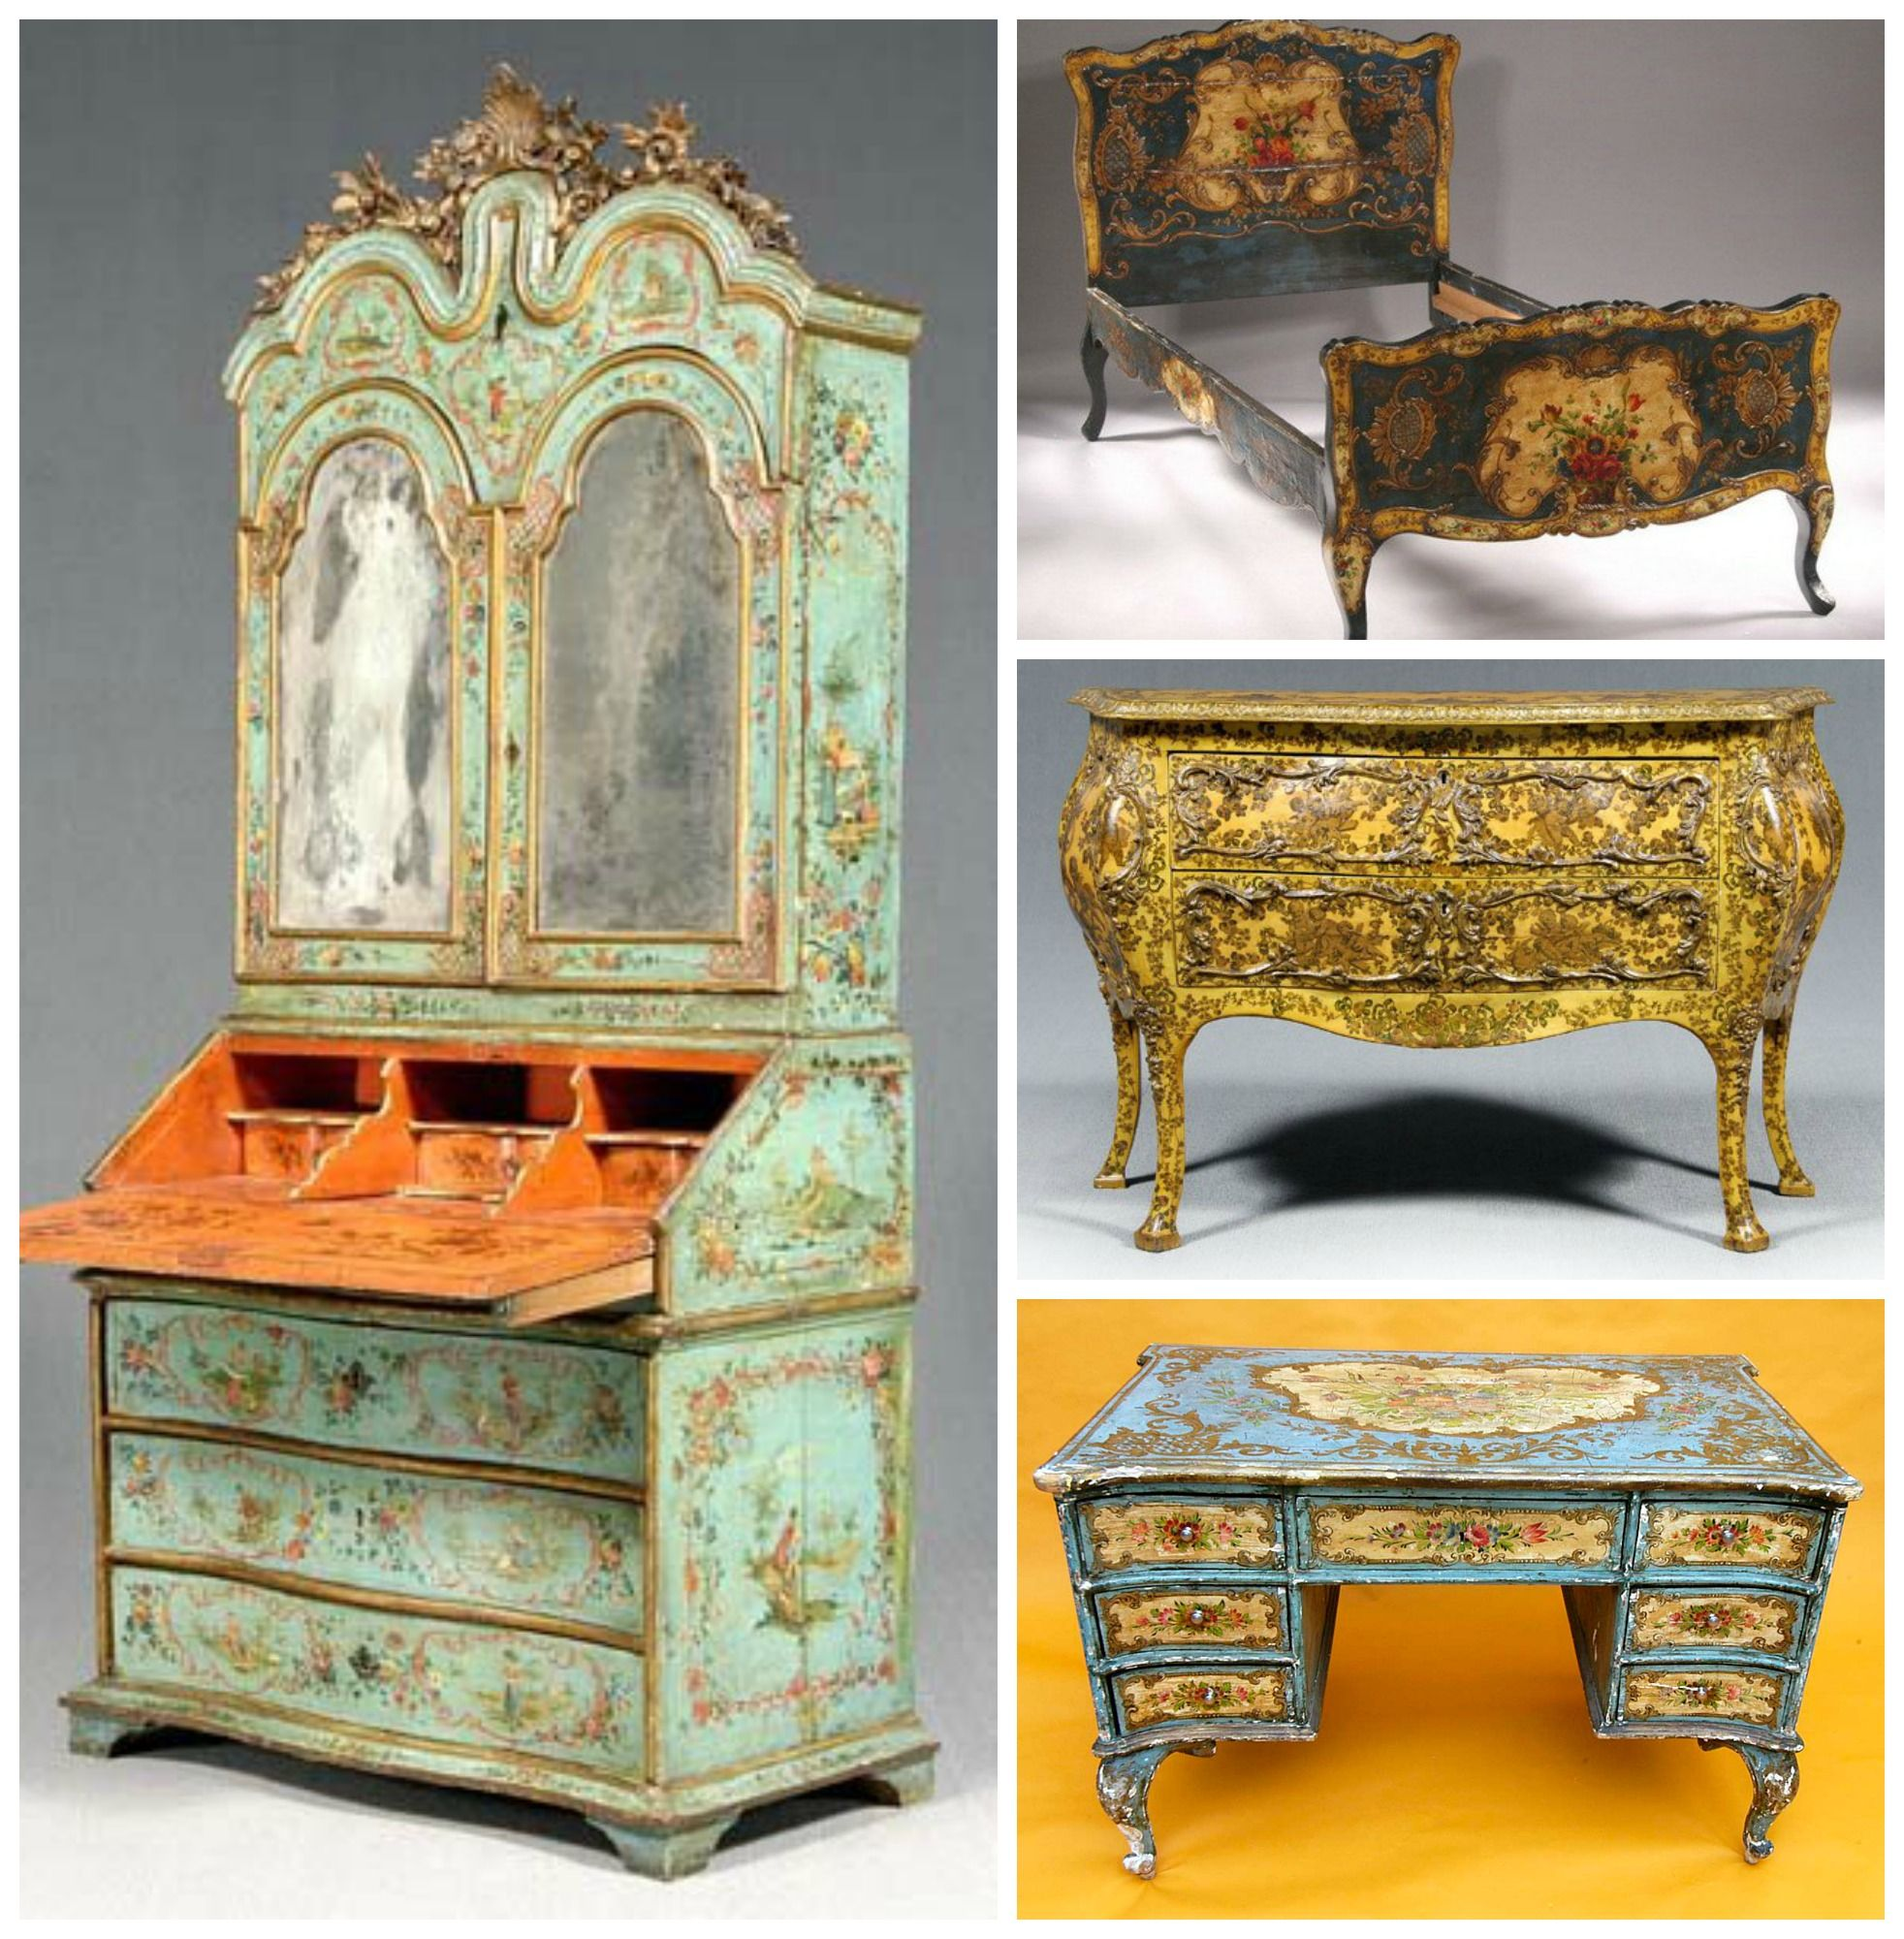 Muebles Decorados Con Laca Povera Venecia Siglo Xviii Se  # Muebles Arte Povera